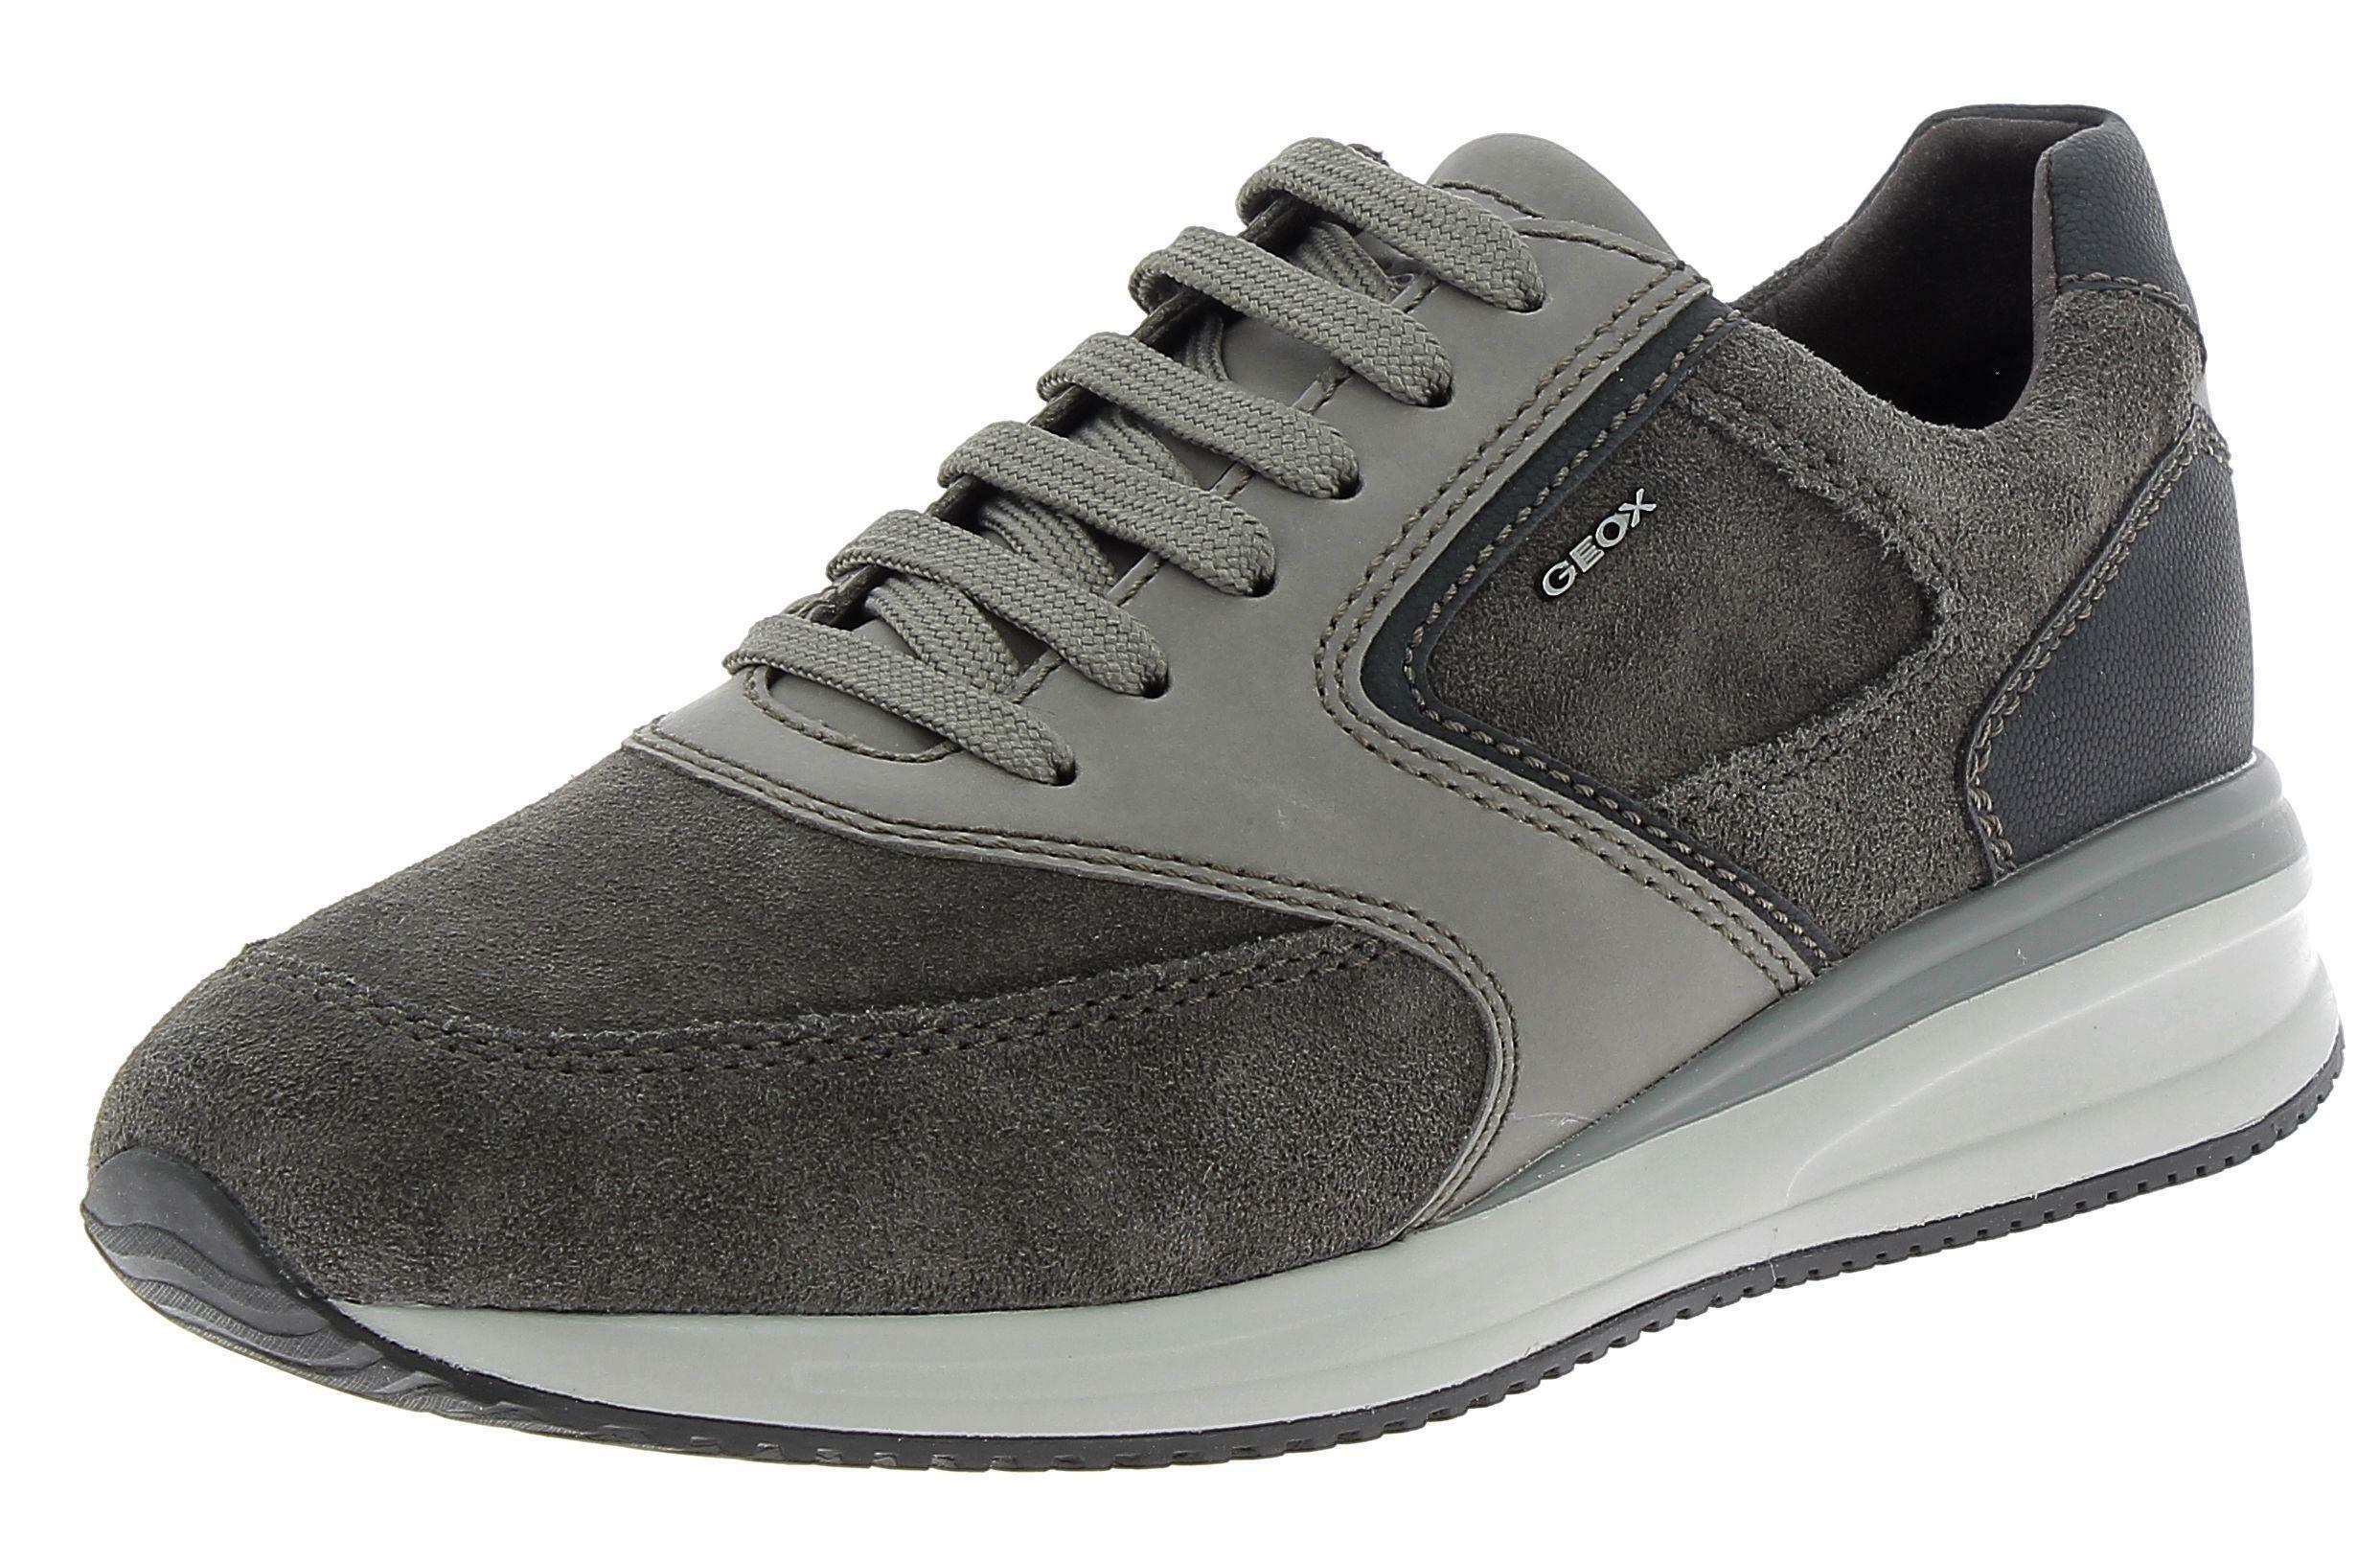 geox u dennie a scarpe sportive uomo grigie